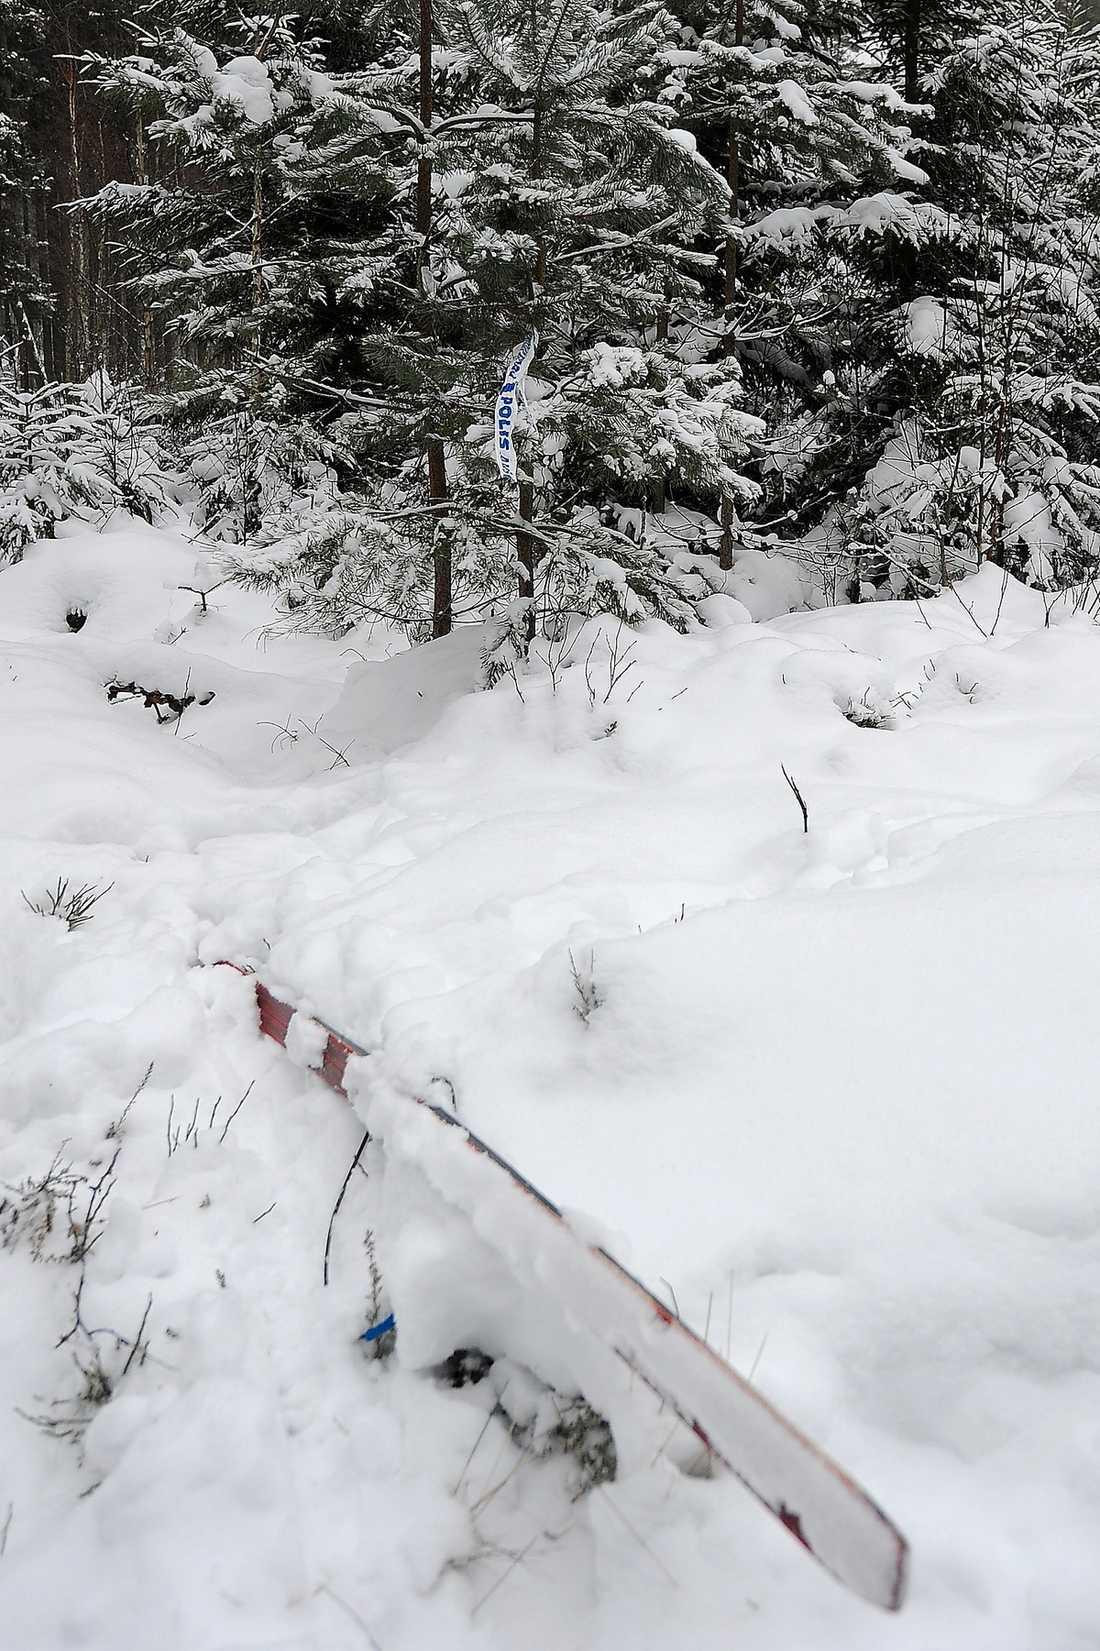 'OAKTSAM' Skidan som sticker upp ur snön tillhörde den 71-årige skidåkare som förra året sköts ihjäl utanför Ljungby. Åklagaren menar att den 32-åriga kvinnliga jägaren har varit oaktsam.